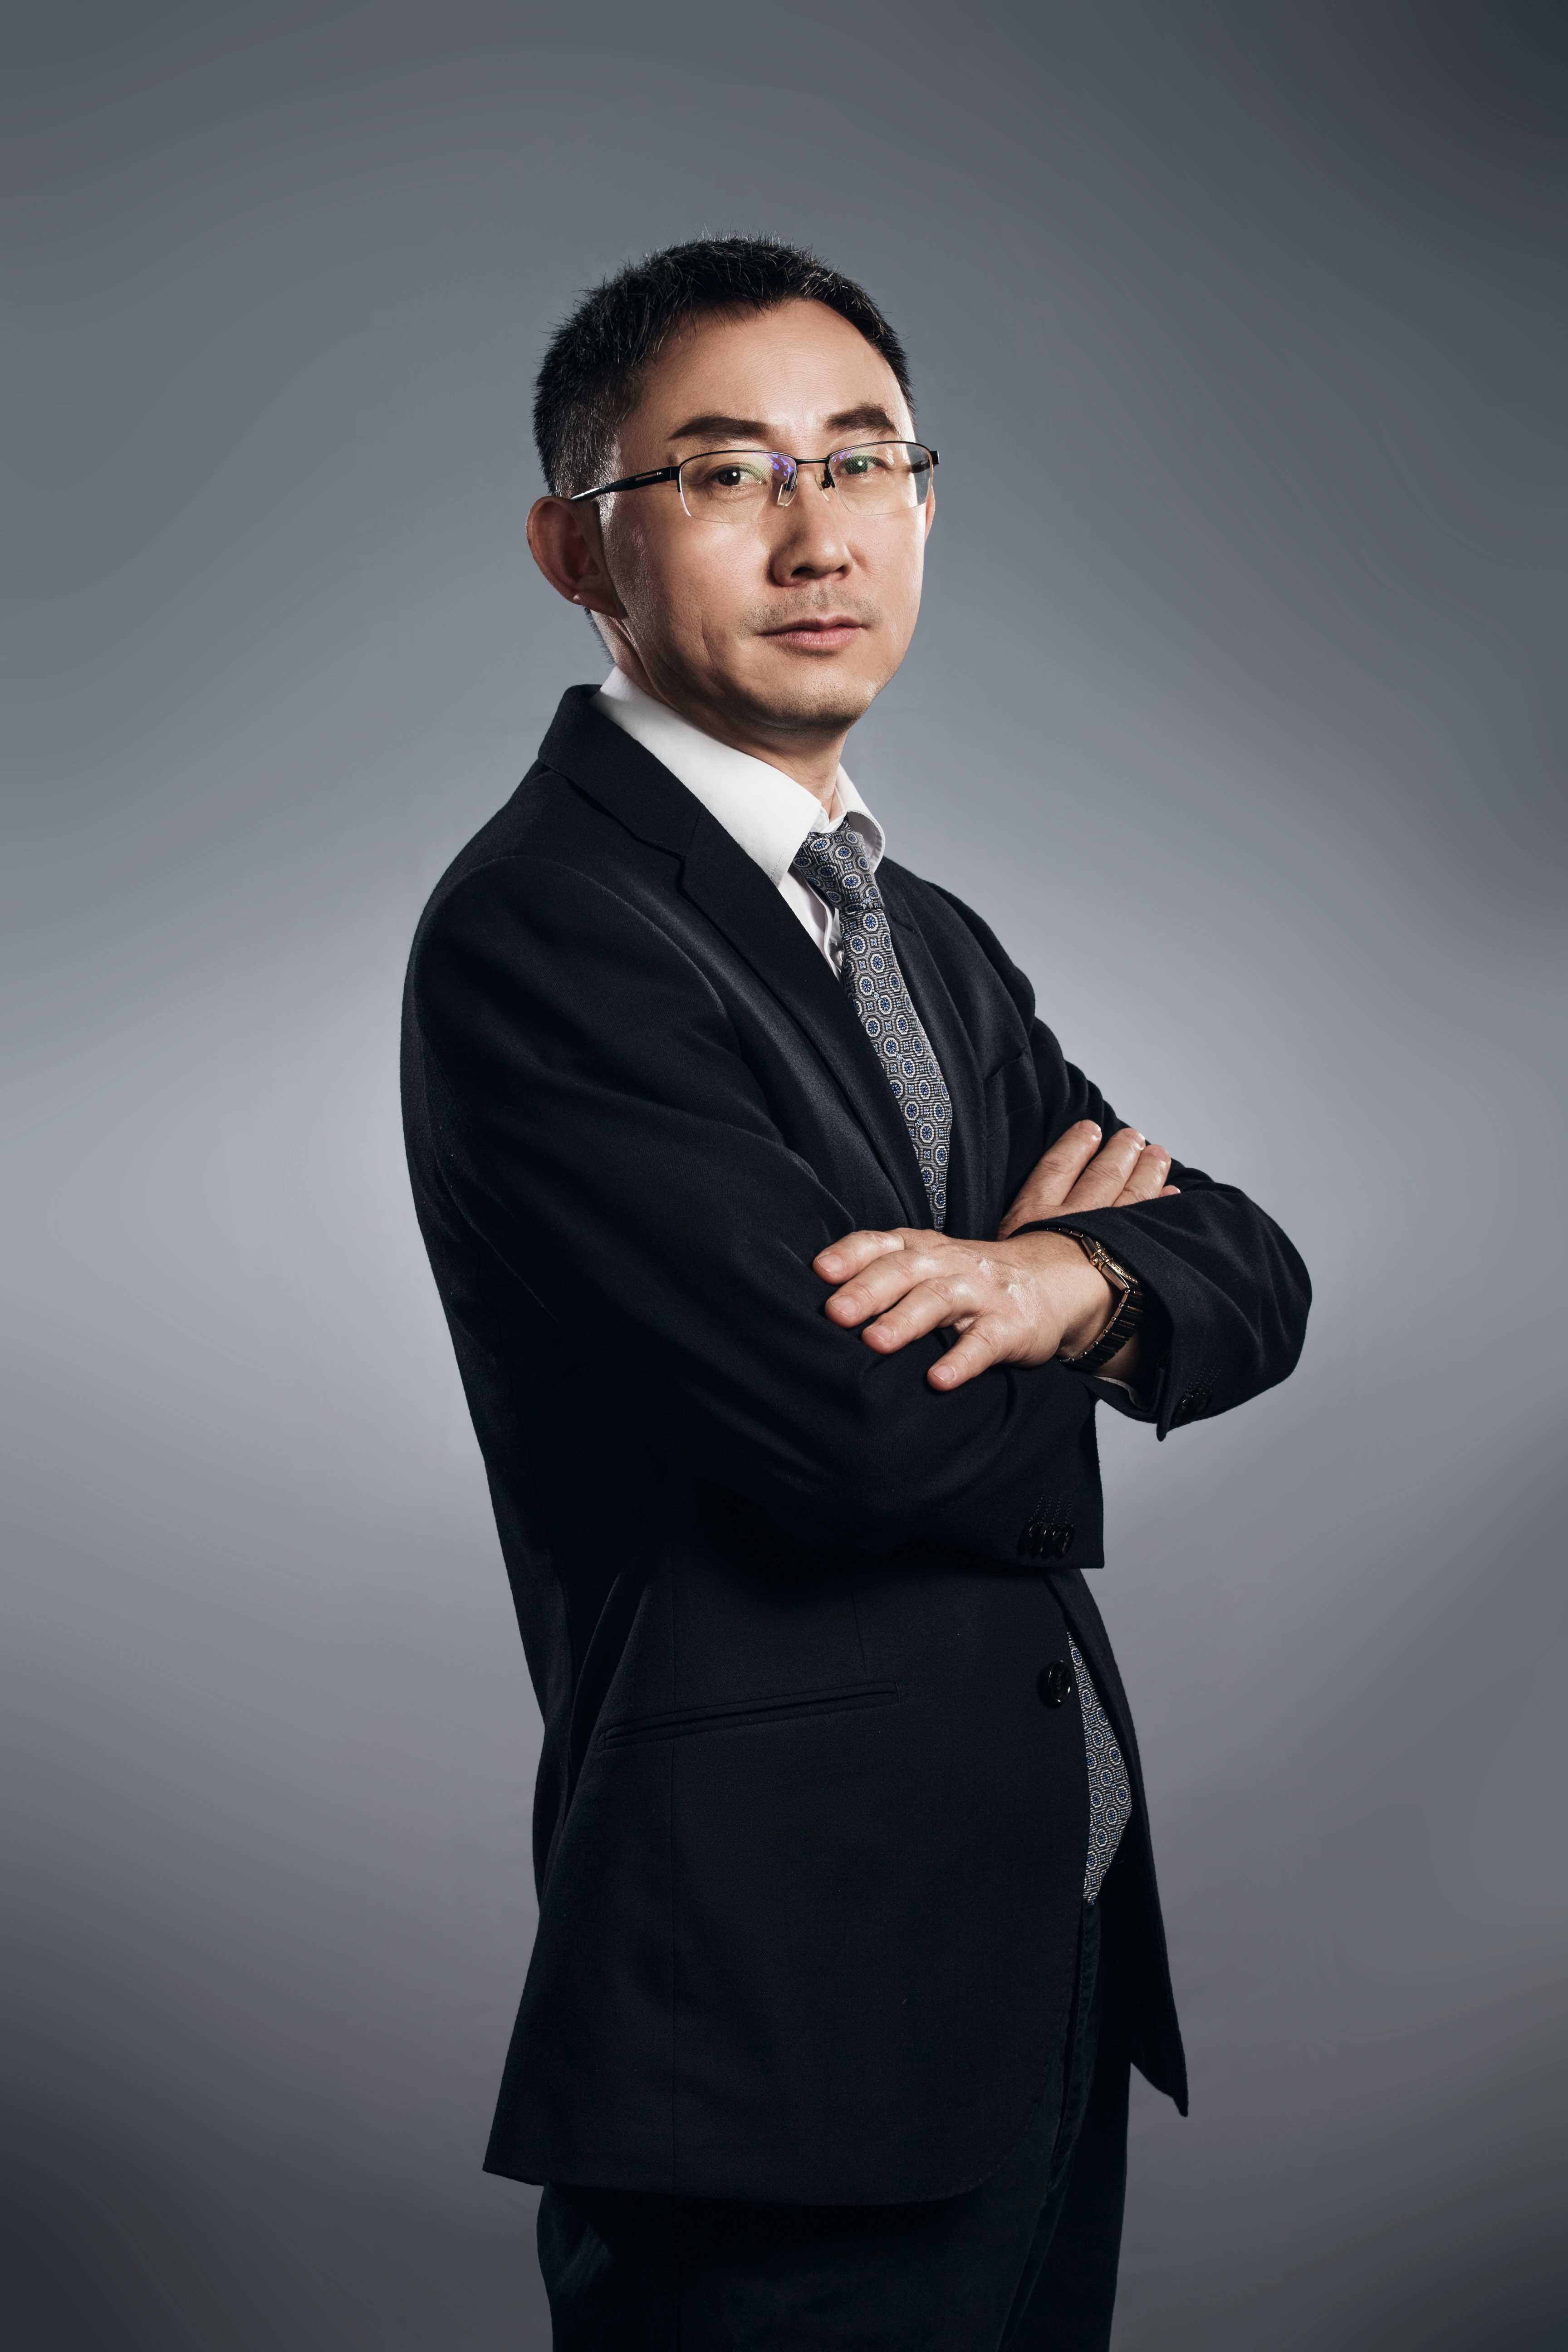 附件2-董監高照片更換-董事5-劉光燦